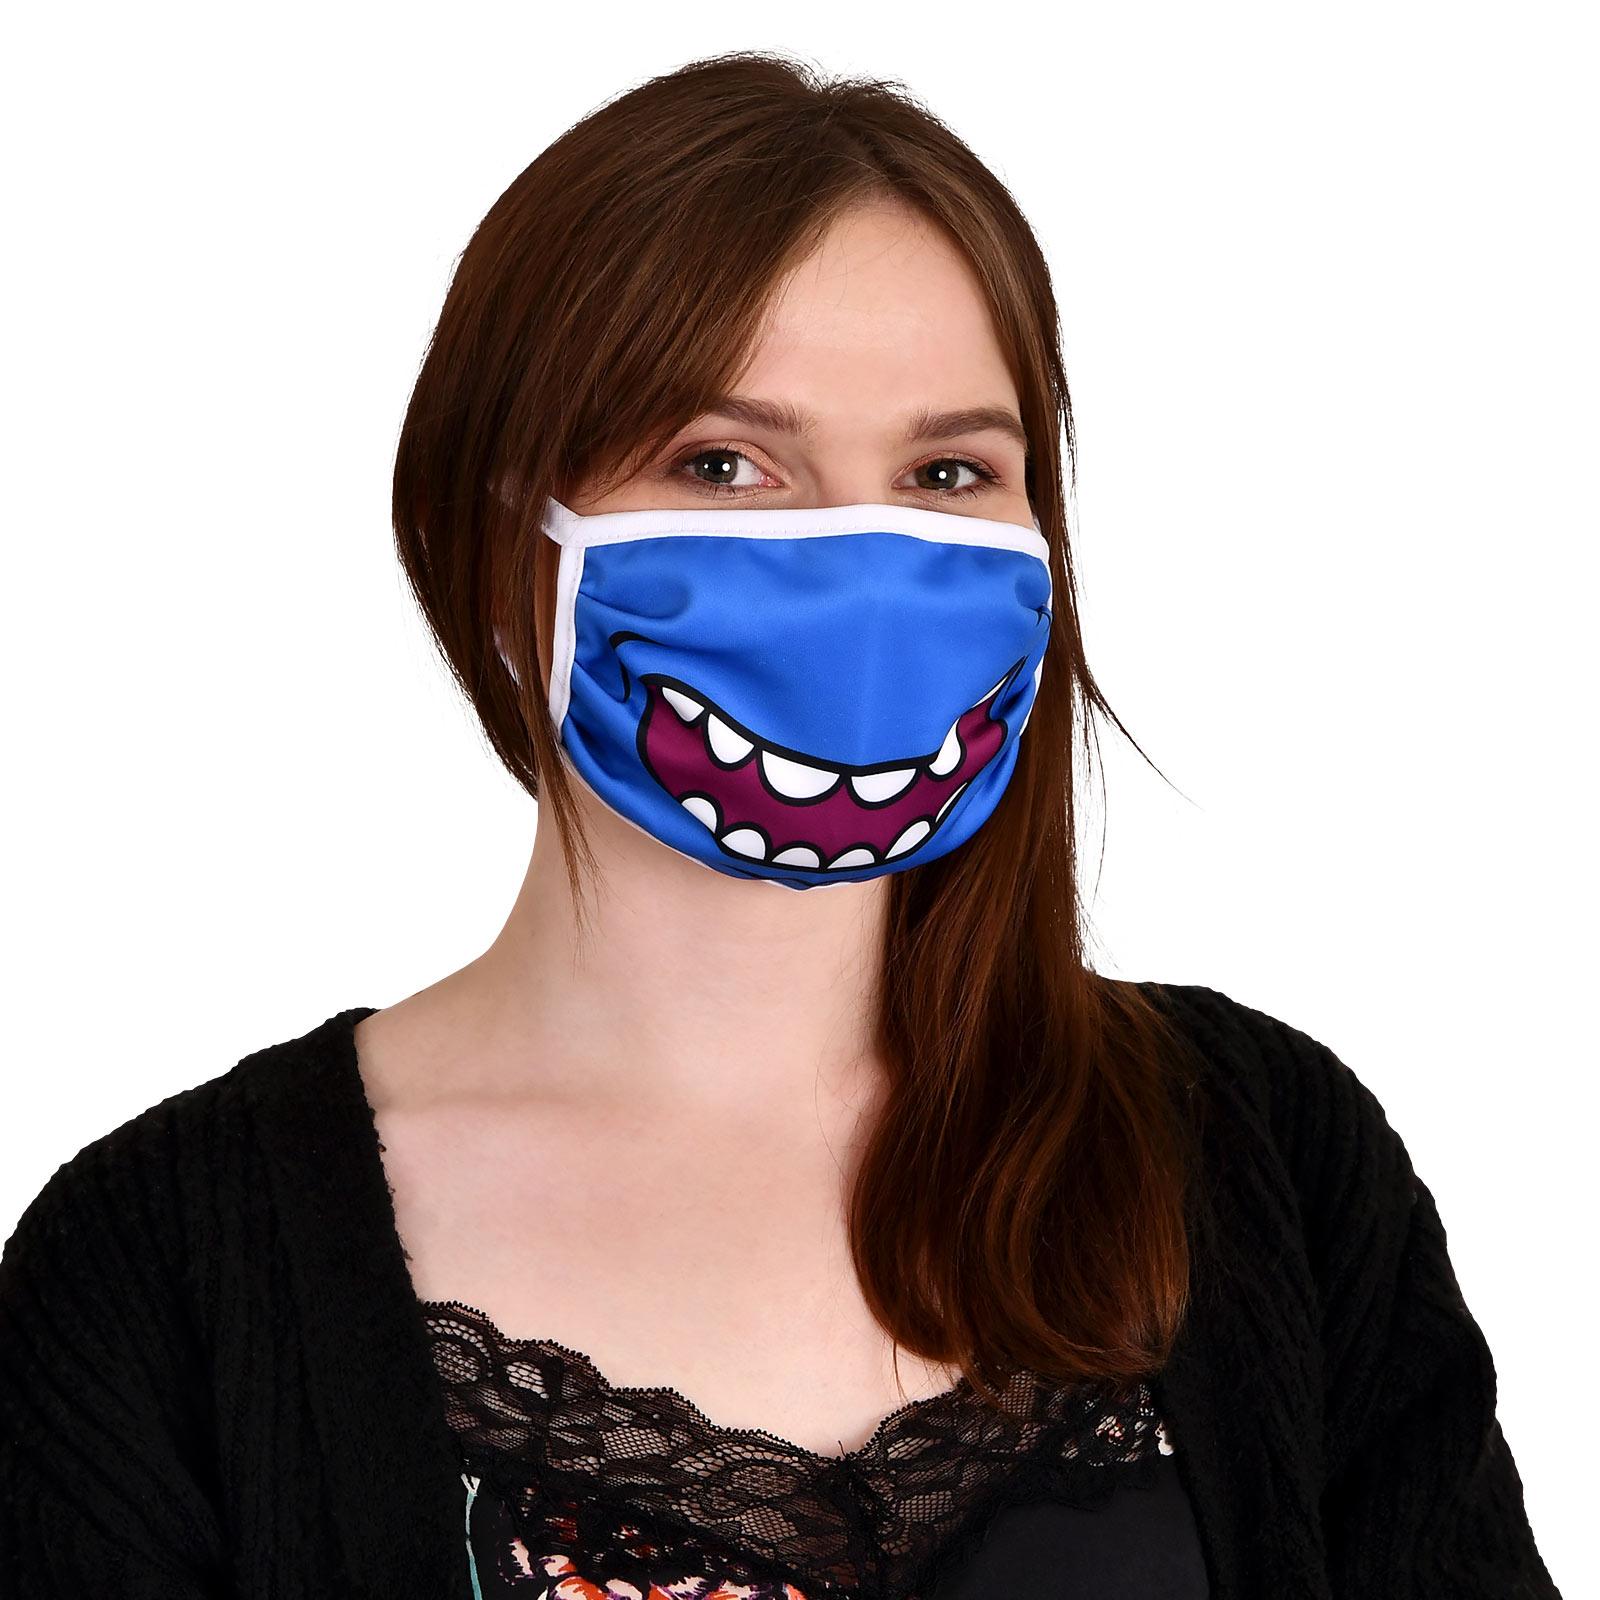 Mr. Meeseeks Gesichtsmaske für Rick and Morty Fans